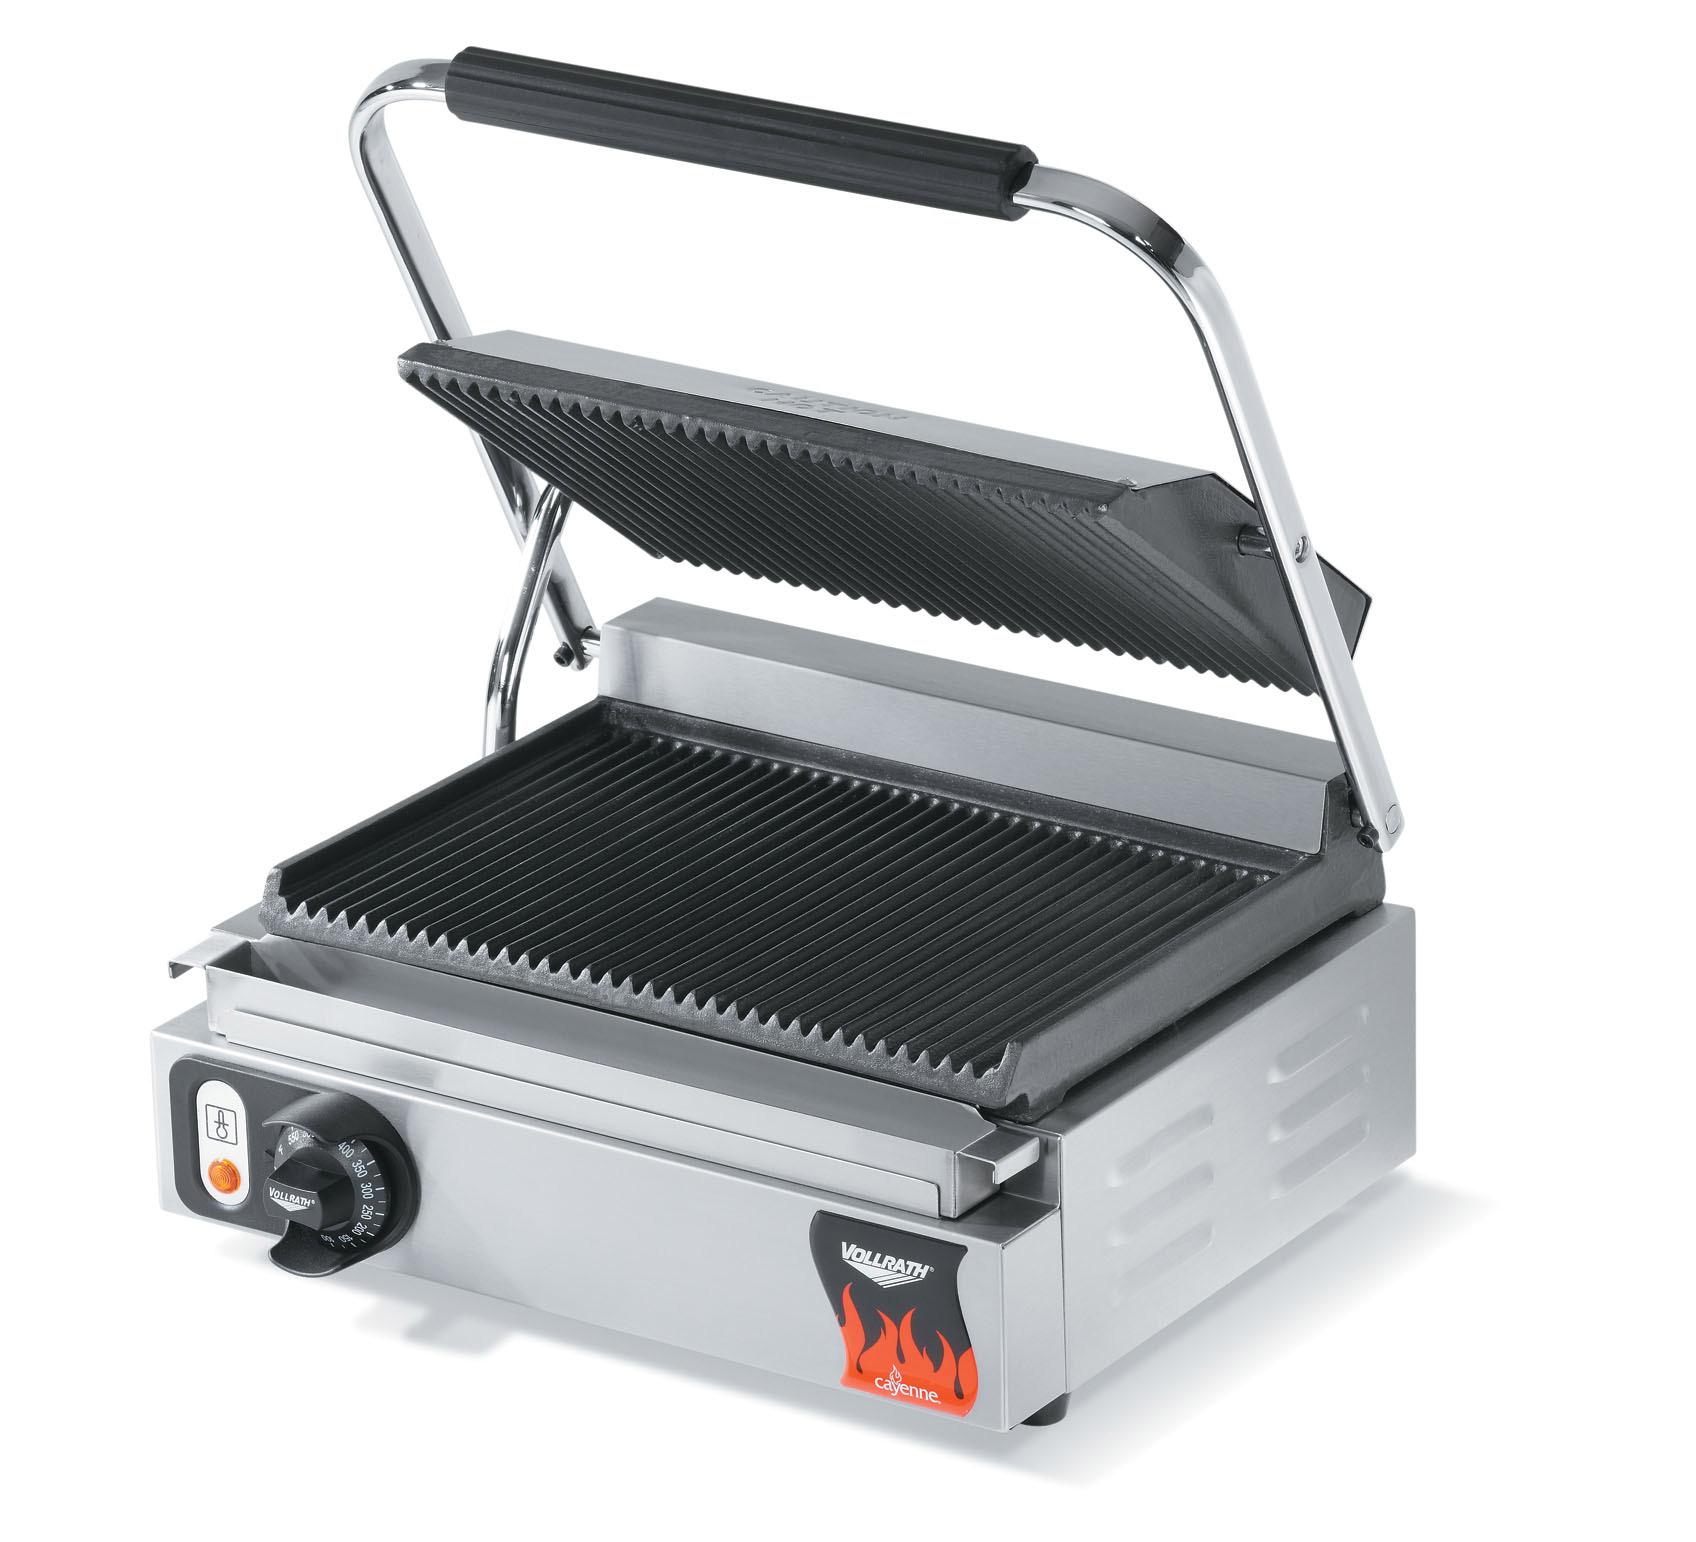 Vollrath 40794-C sandwich / panini grill